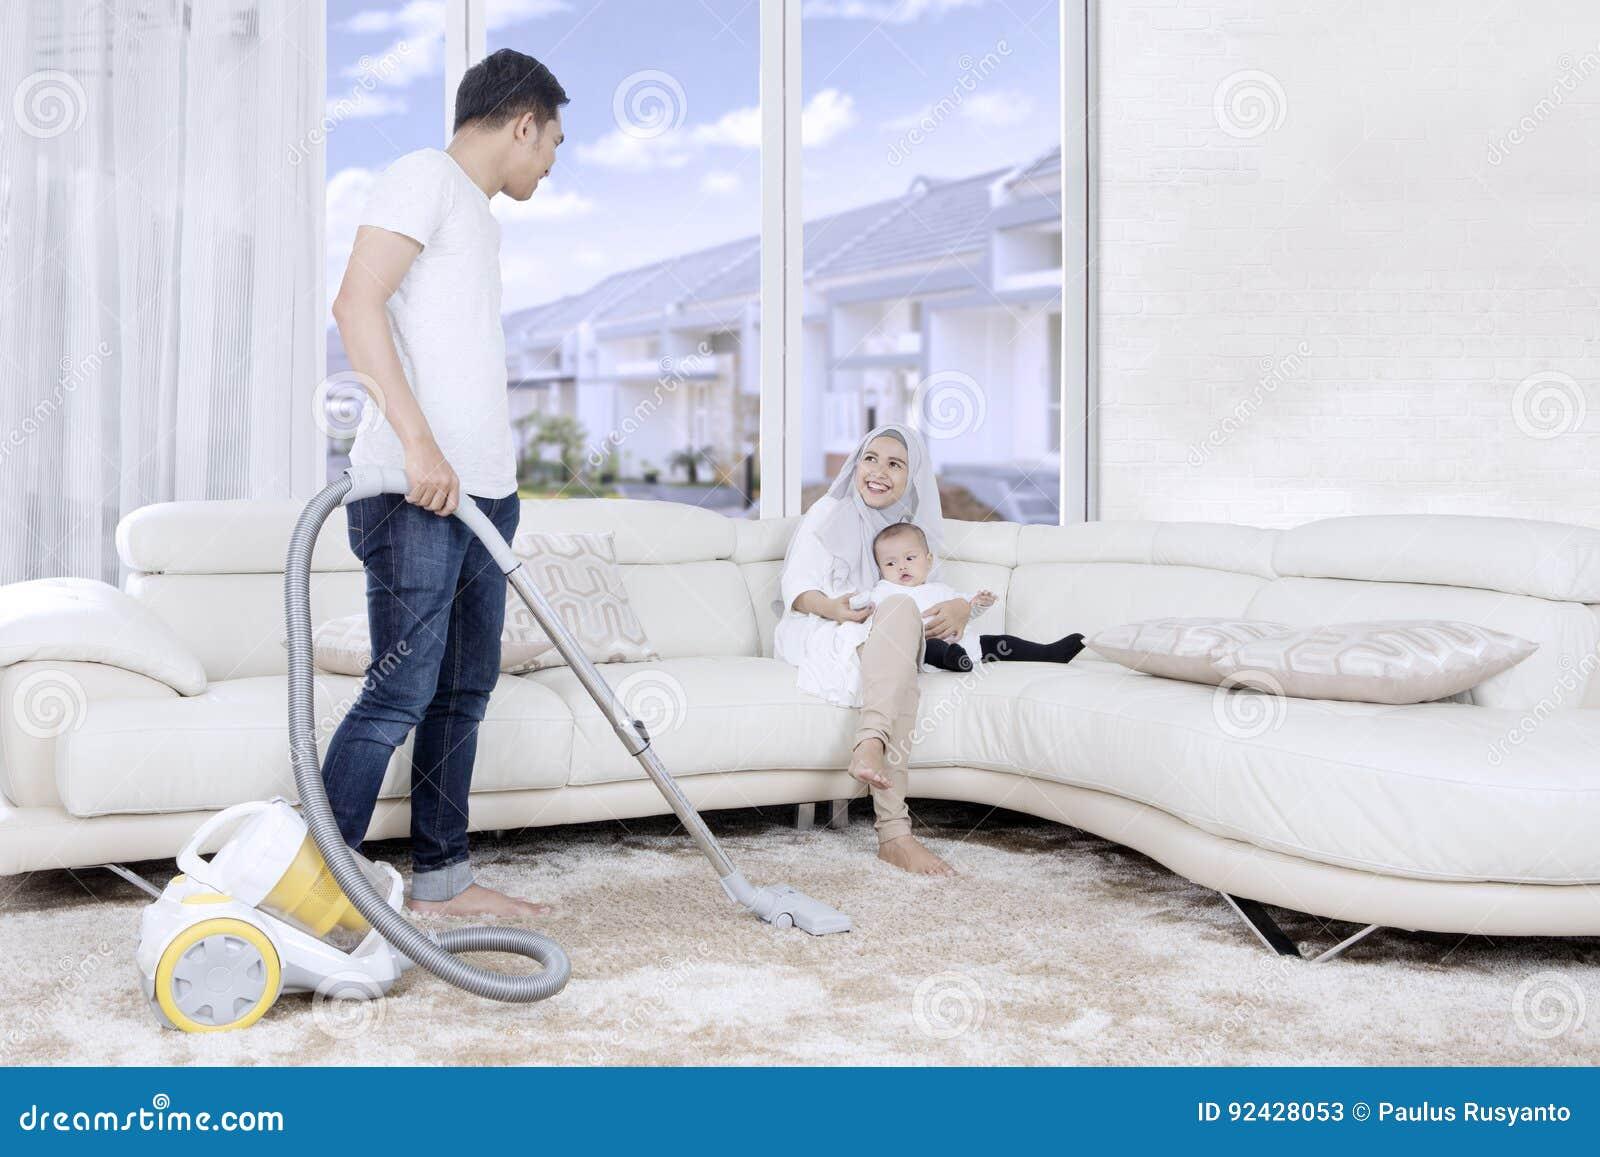 Tapis De Nettoyage De Jeune Homme A La Maison Image Stock Image Du